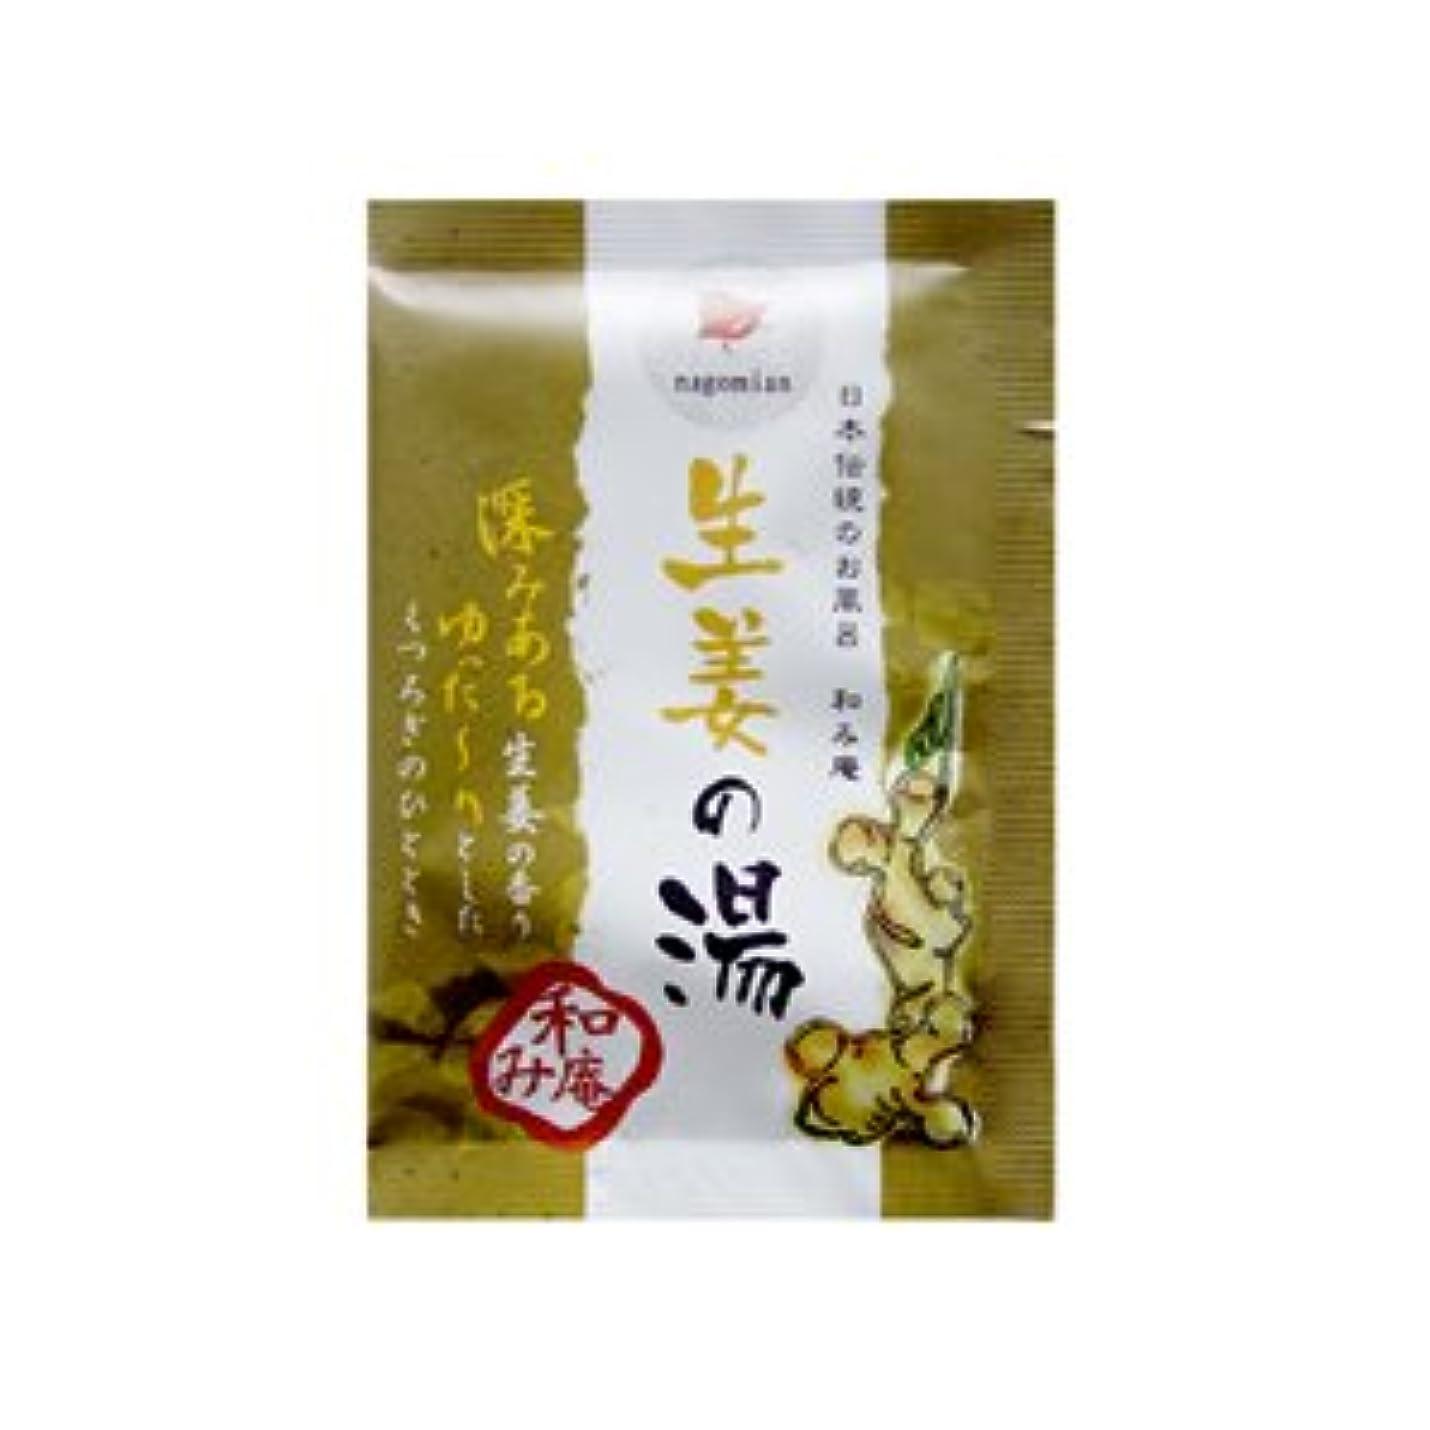 なにスリット縮約日本伝統のお風呂 和み庵 生姜の湯 25g 10個セット